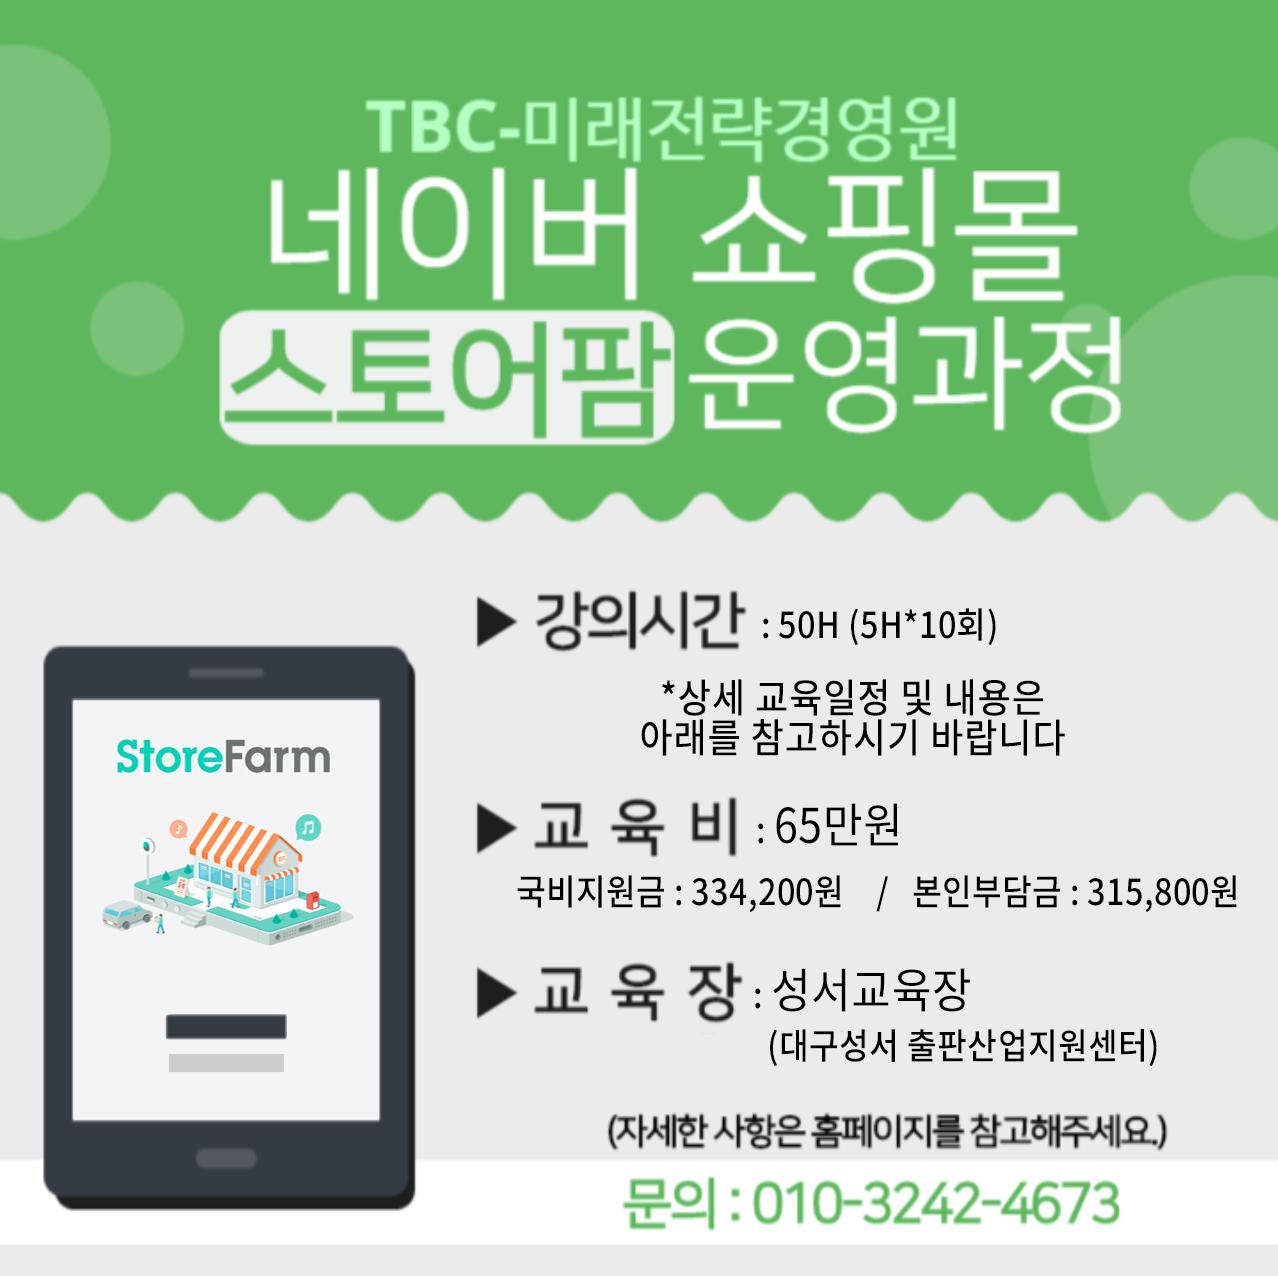 소셜홍보(SNS)마케팅과정-네이버스토어팜중심